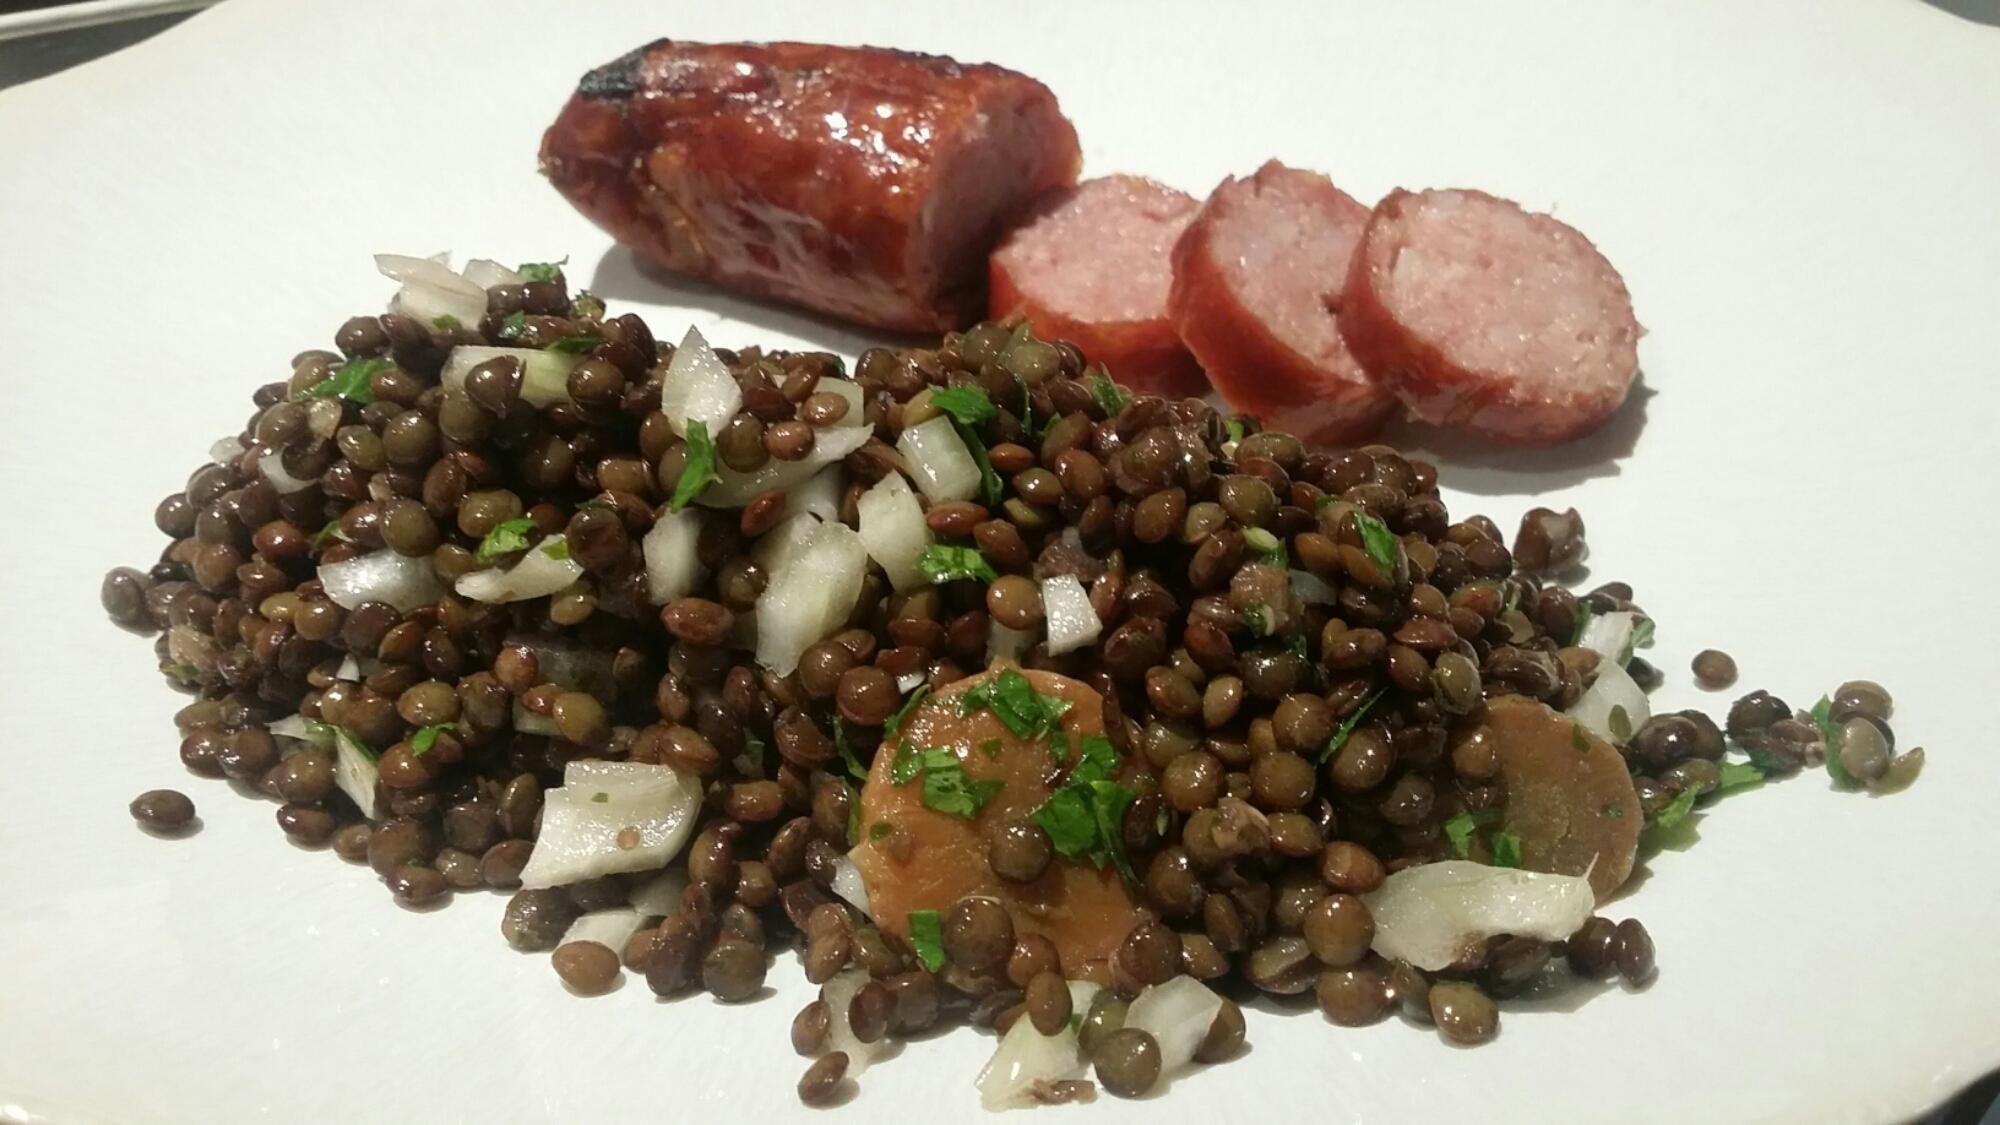 Notre salade de lentilles à l'huile de noix et, sa saucisse de Montbéliard®.